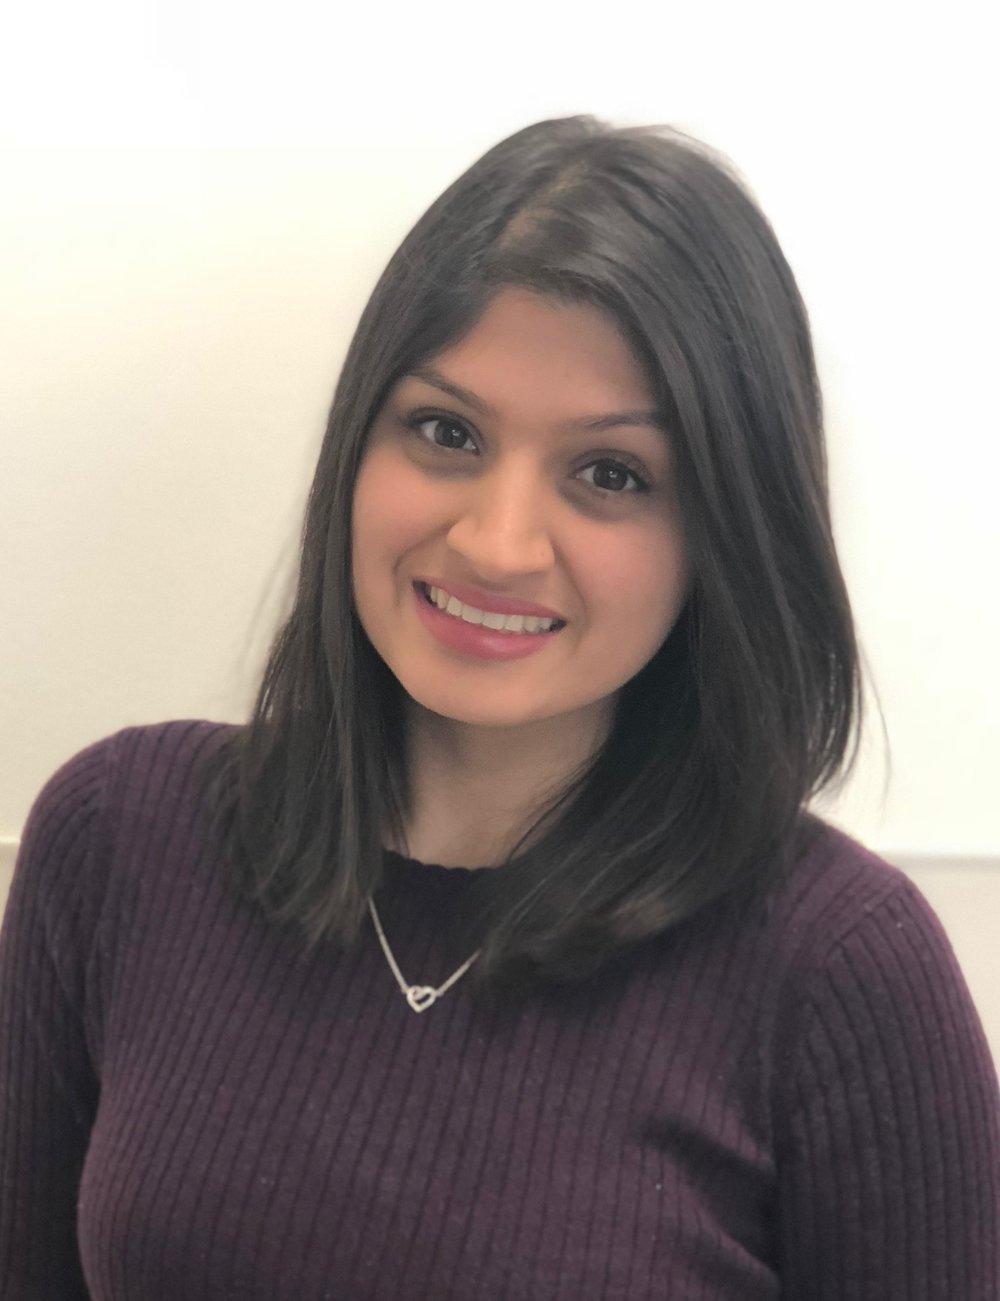 Manisha Bansal (Manitoba '20)